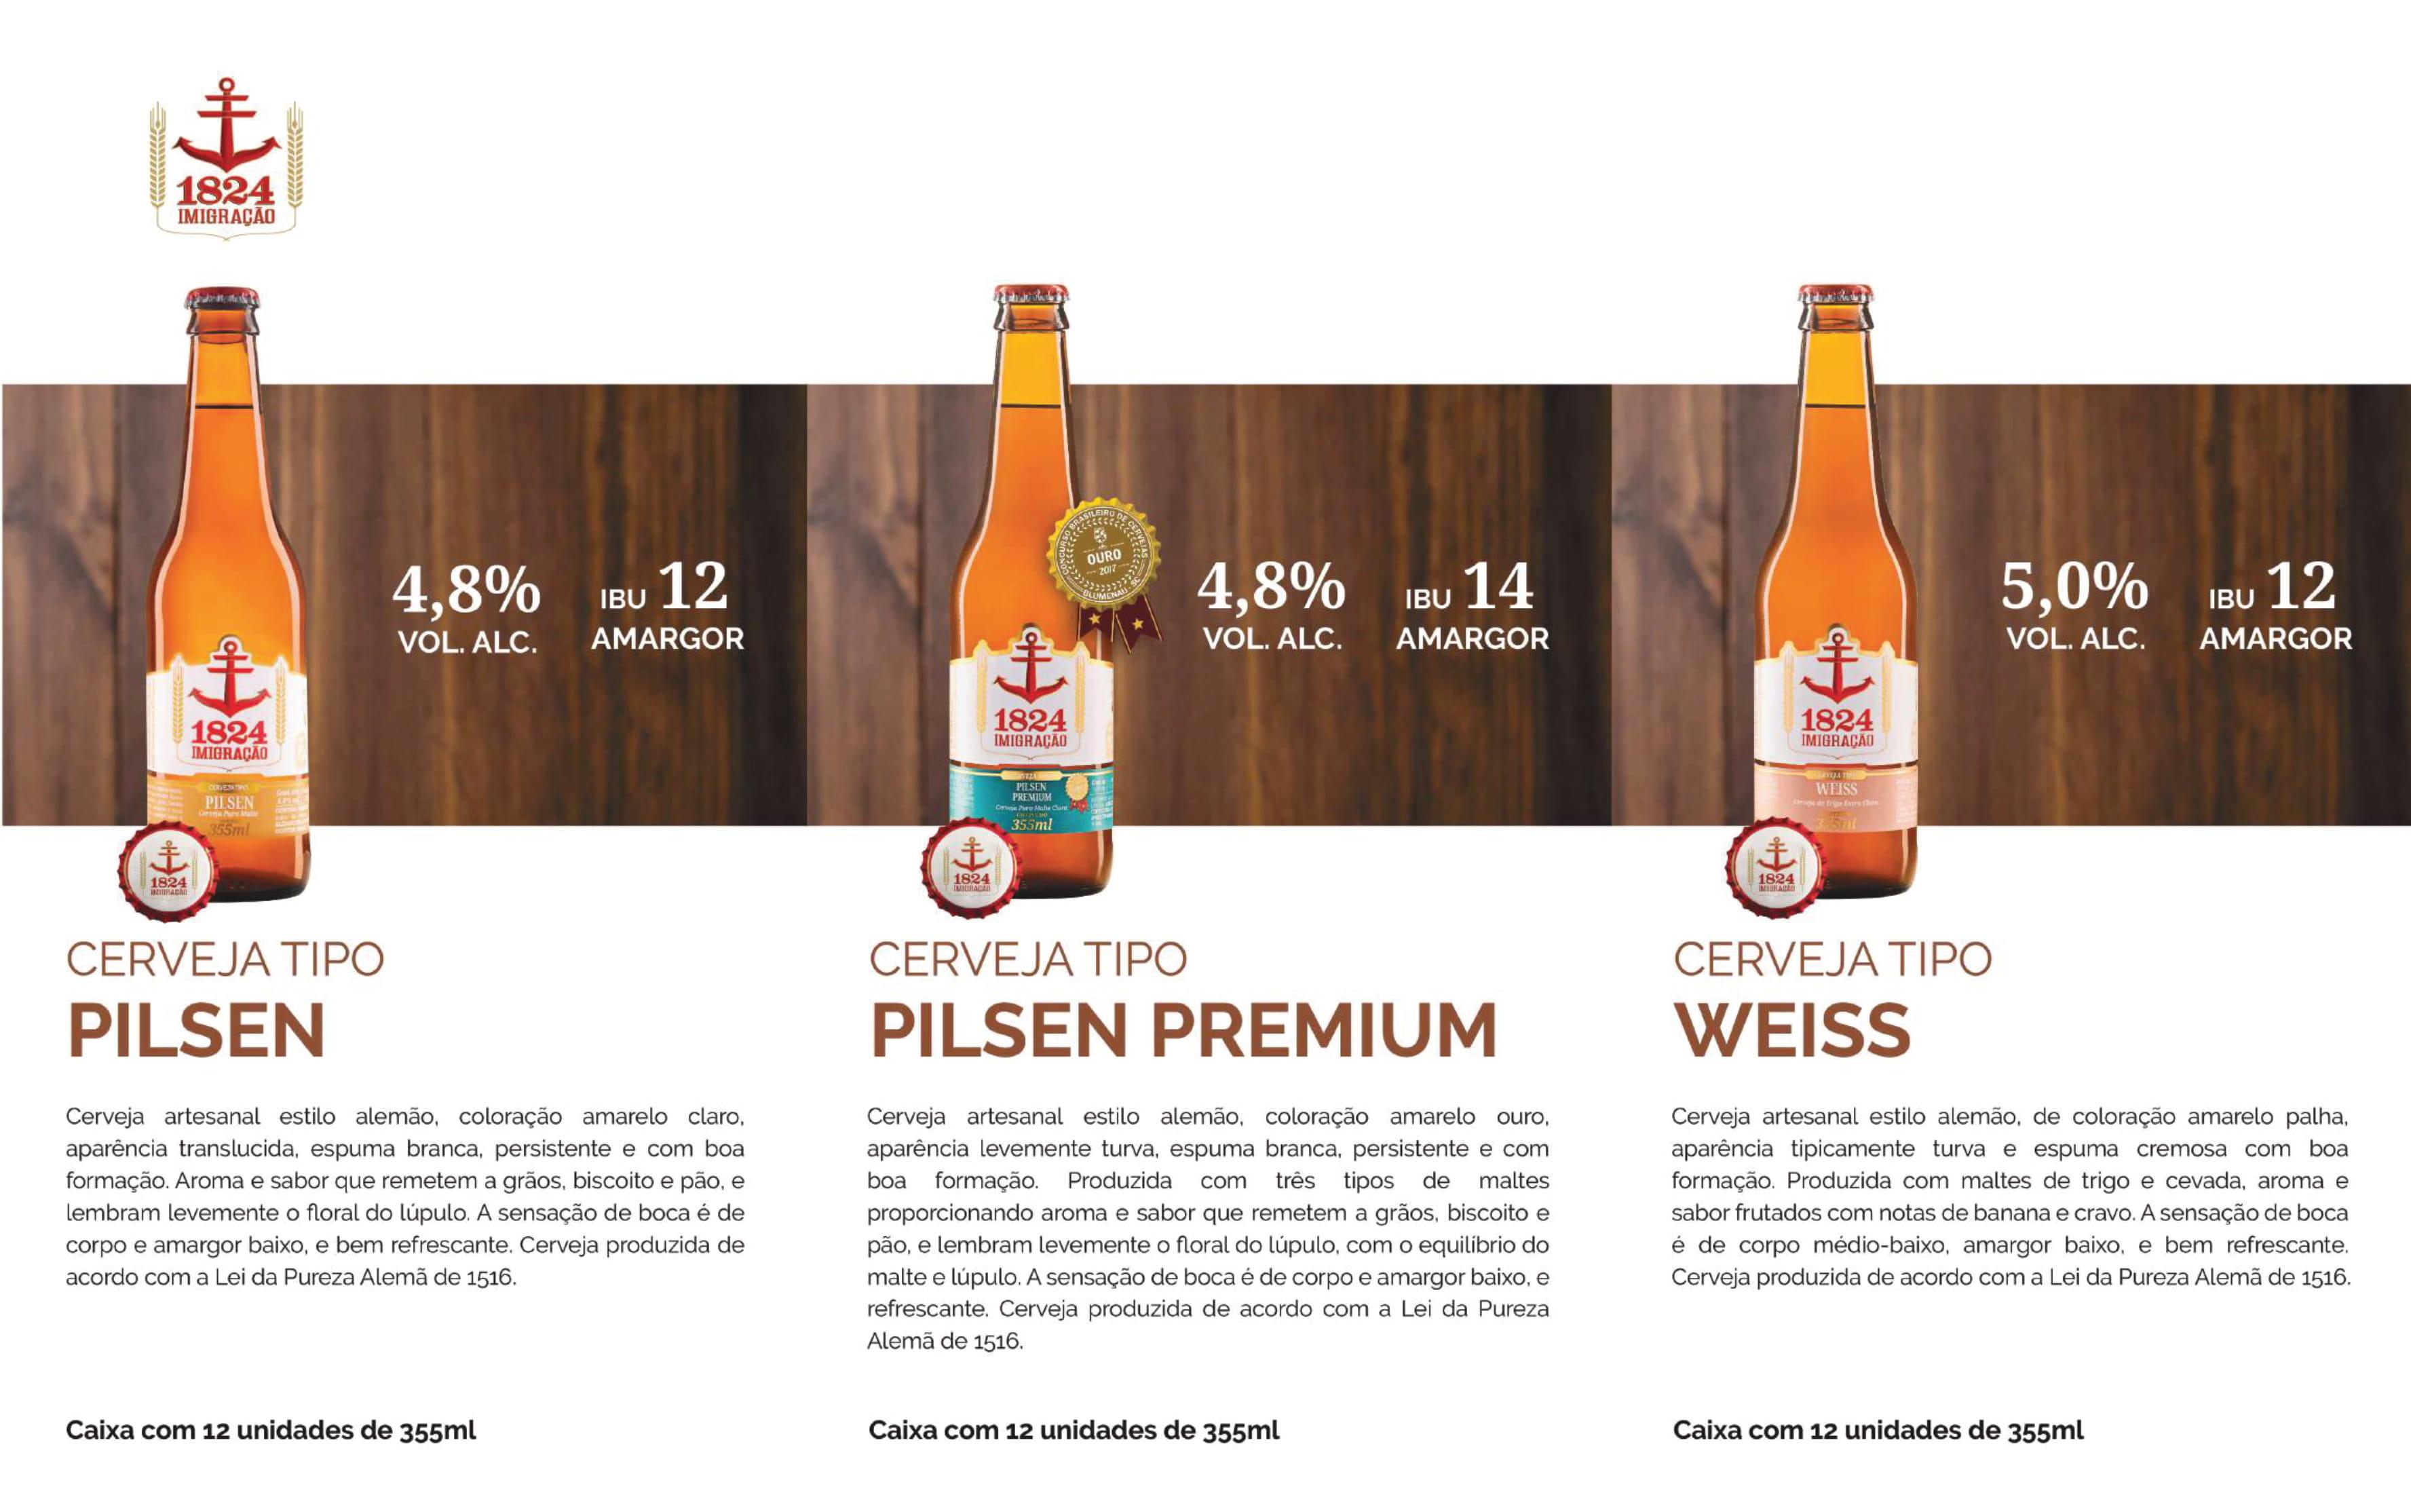 Cervejas Imigração Long Neck 355ml